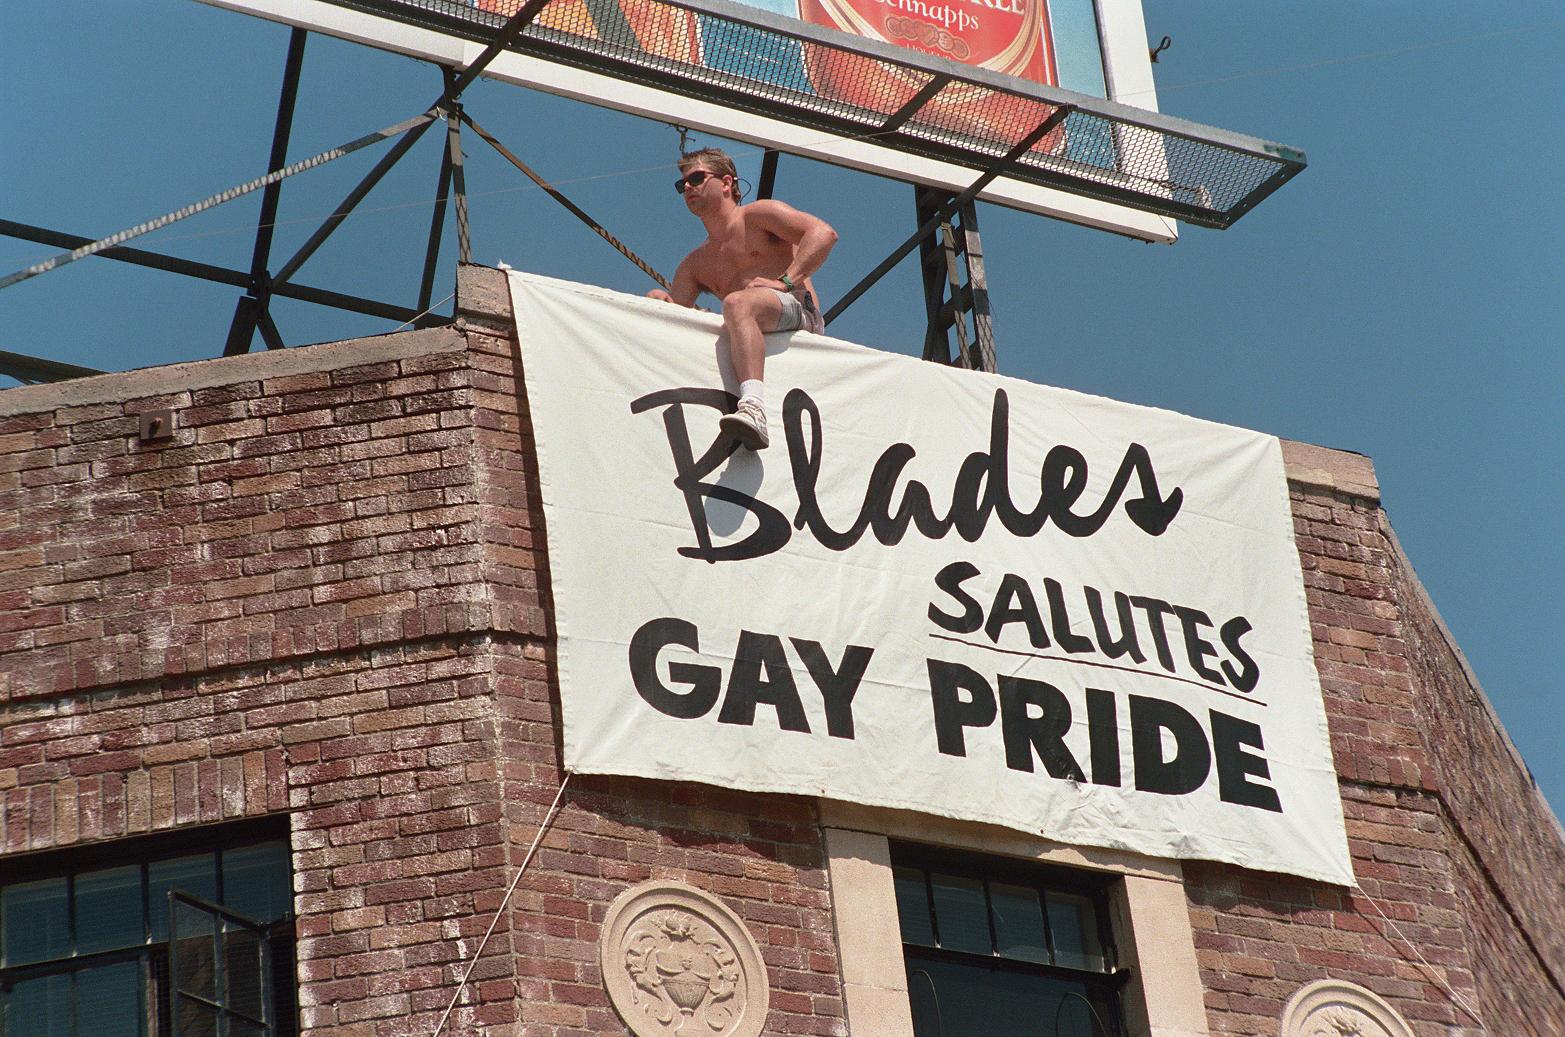 la-pride-1987-1995_22122486808_o